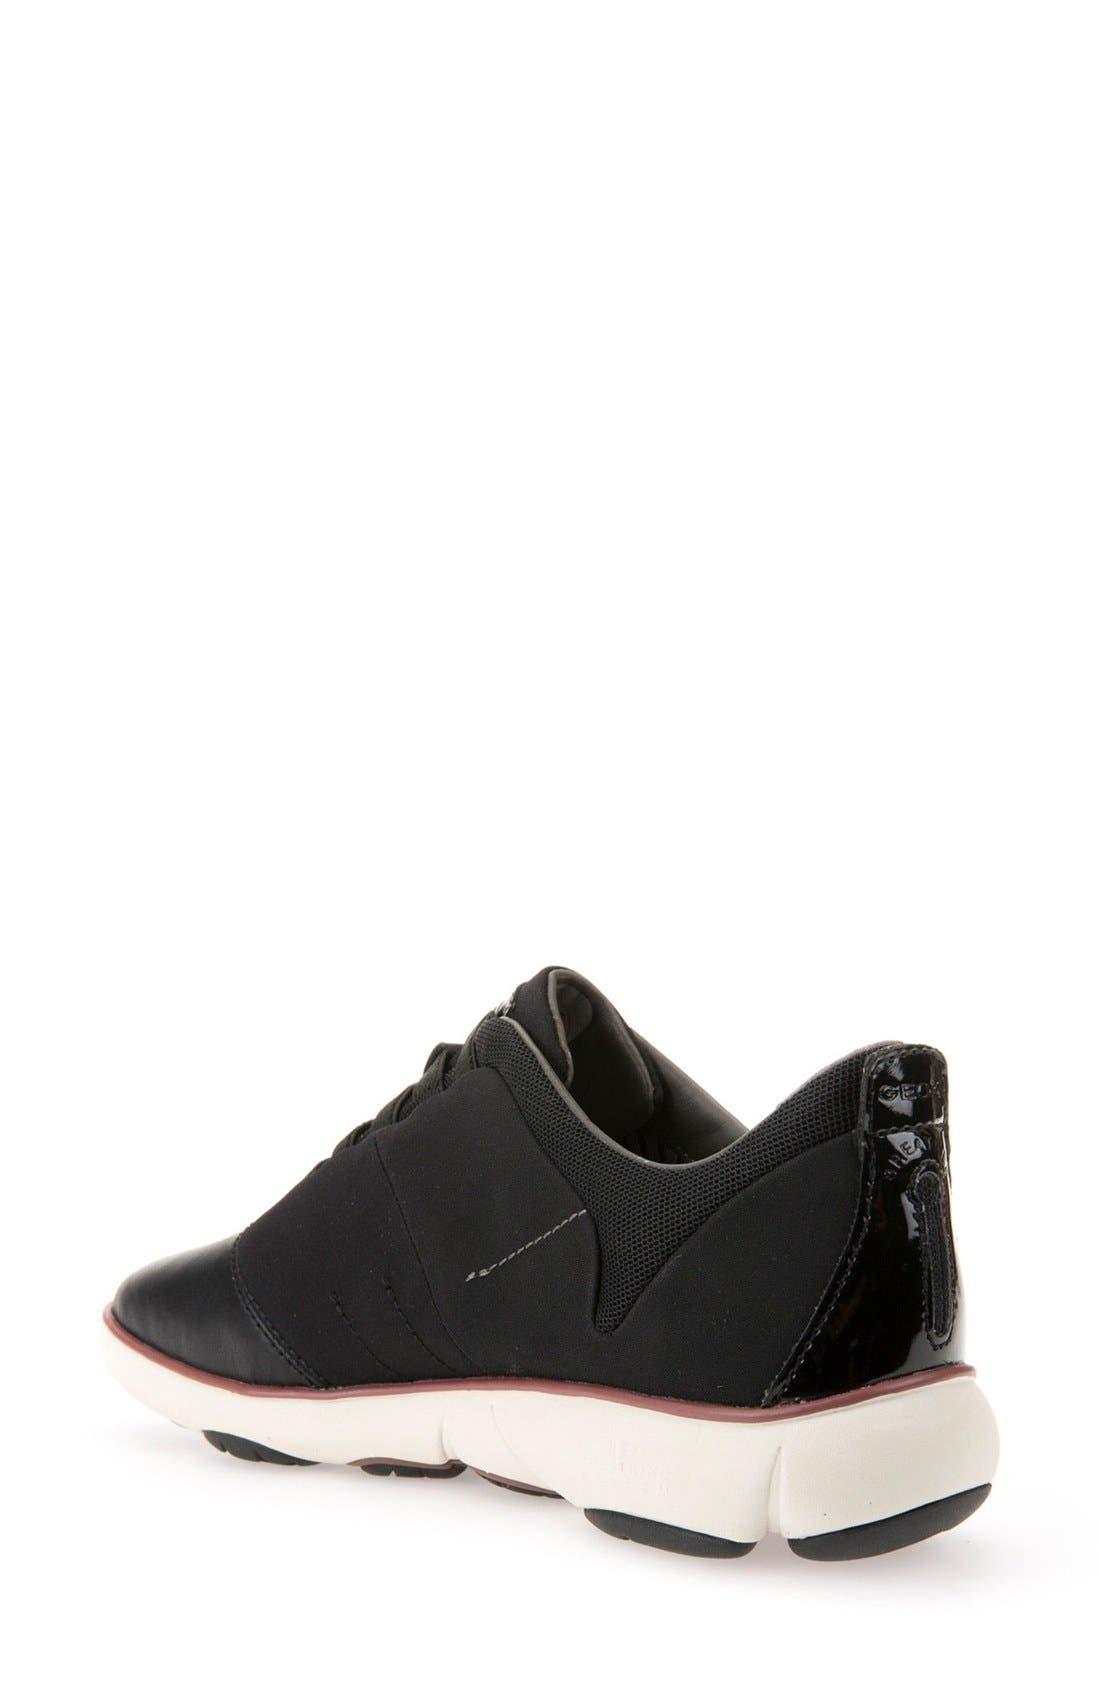 Alternate Image 2  - Geox 'Nebula' Sneaker (Women)